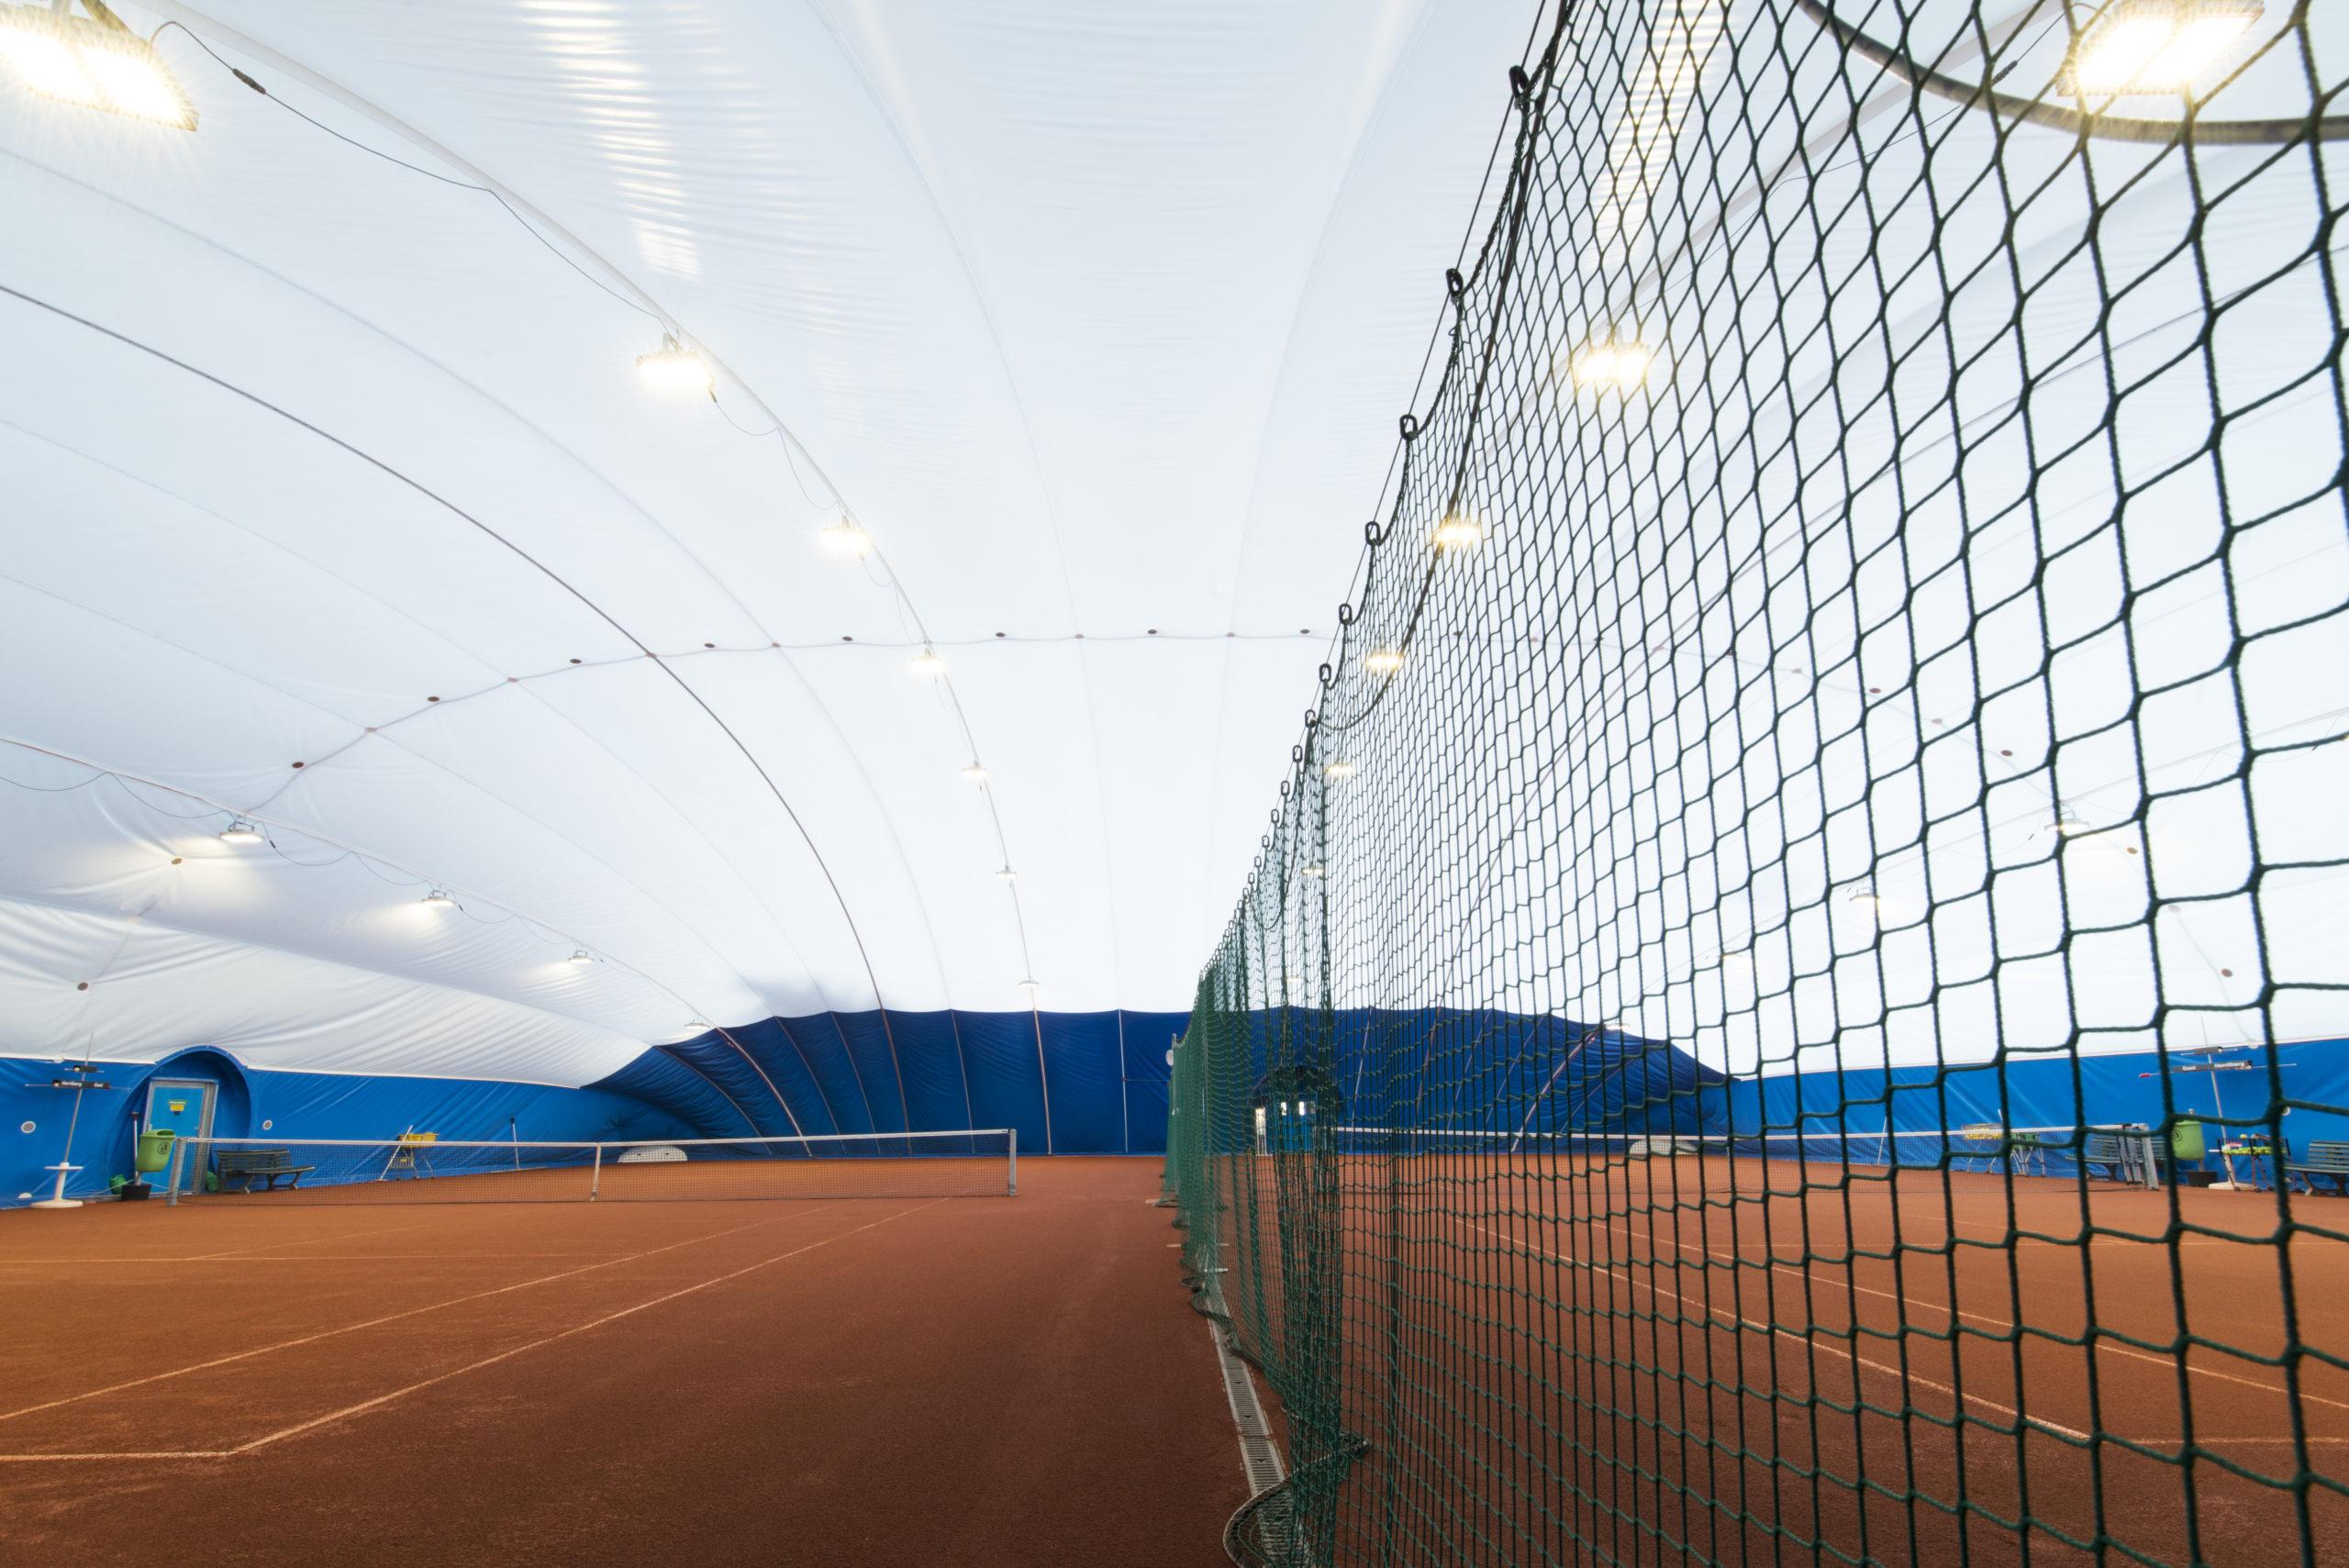 hpgasser traglufthalle tennis